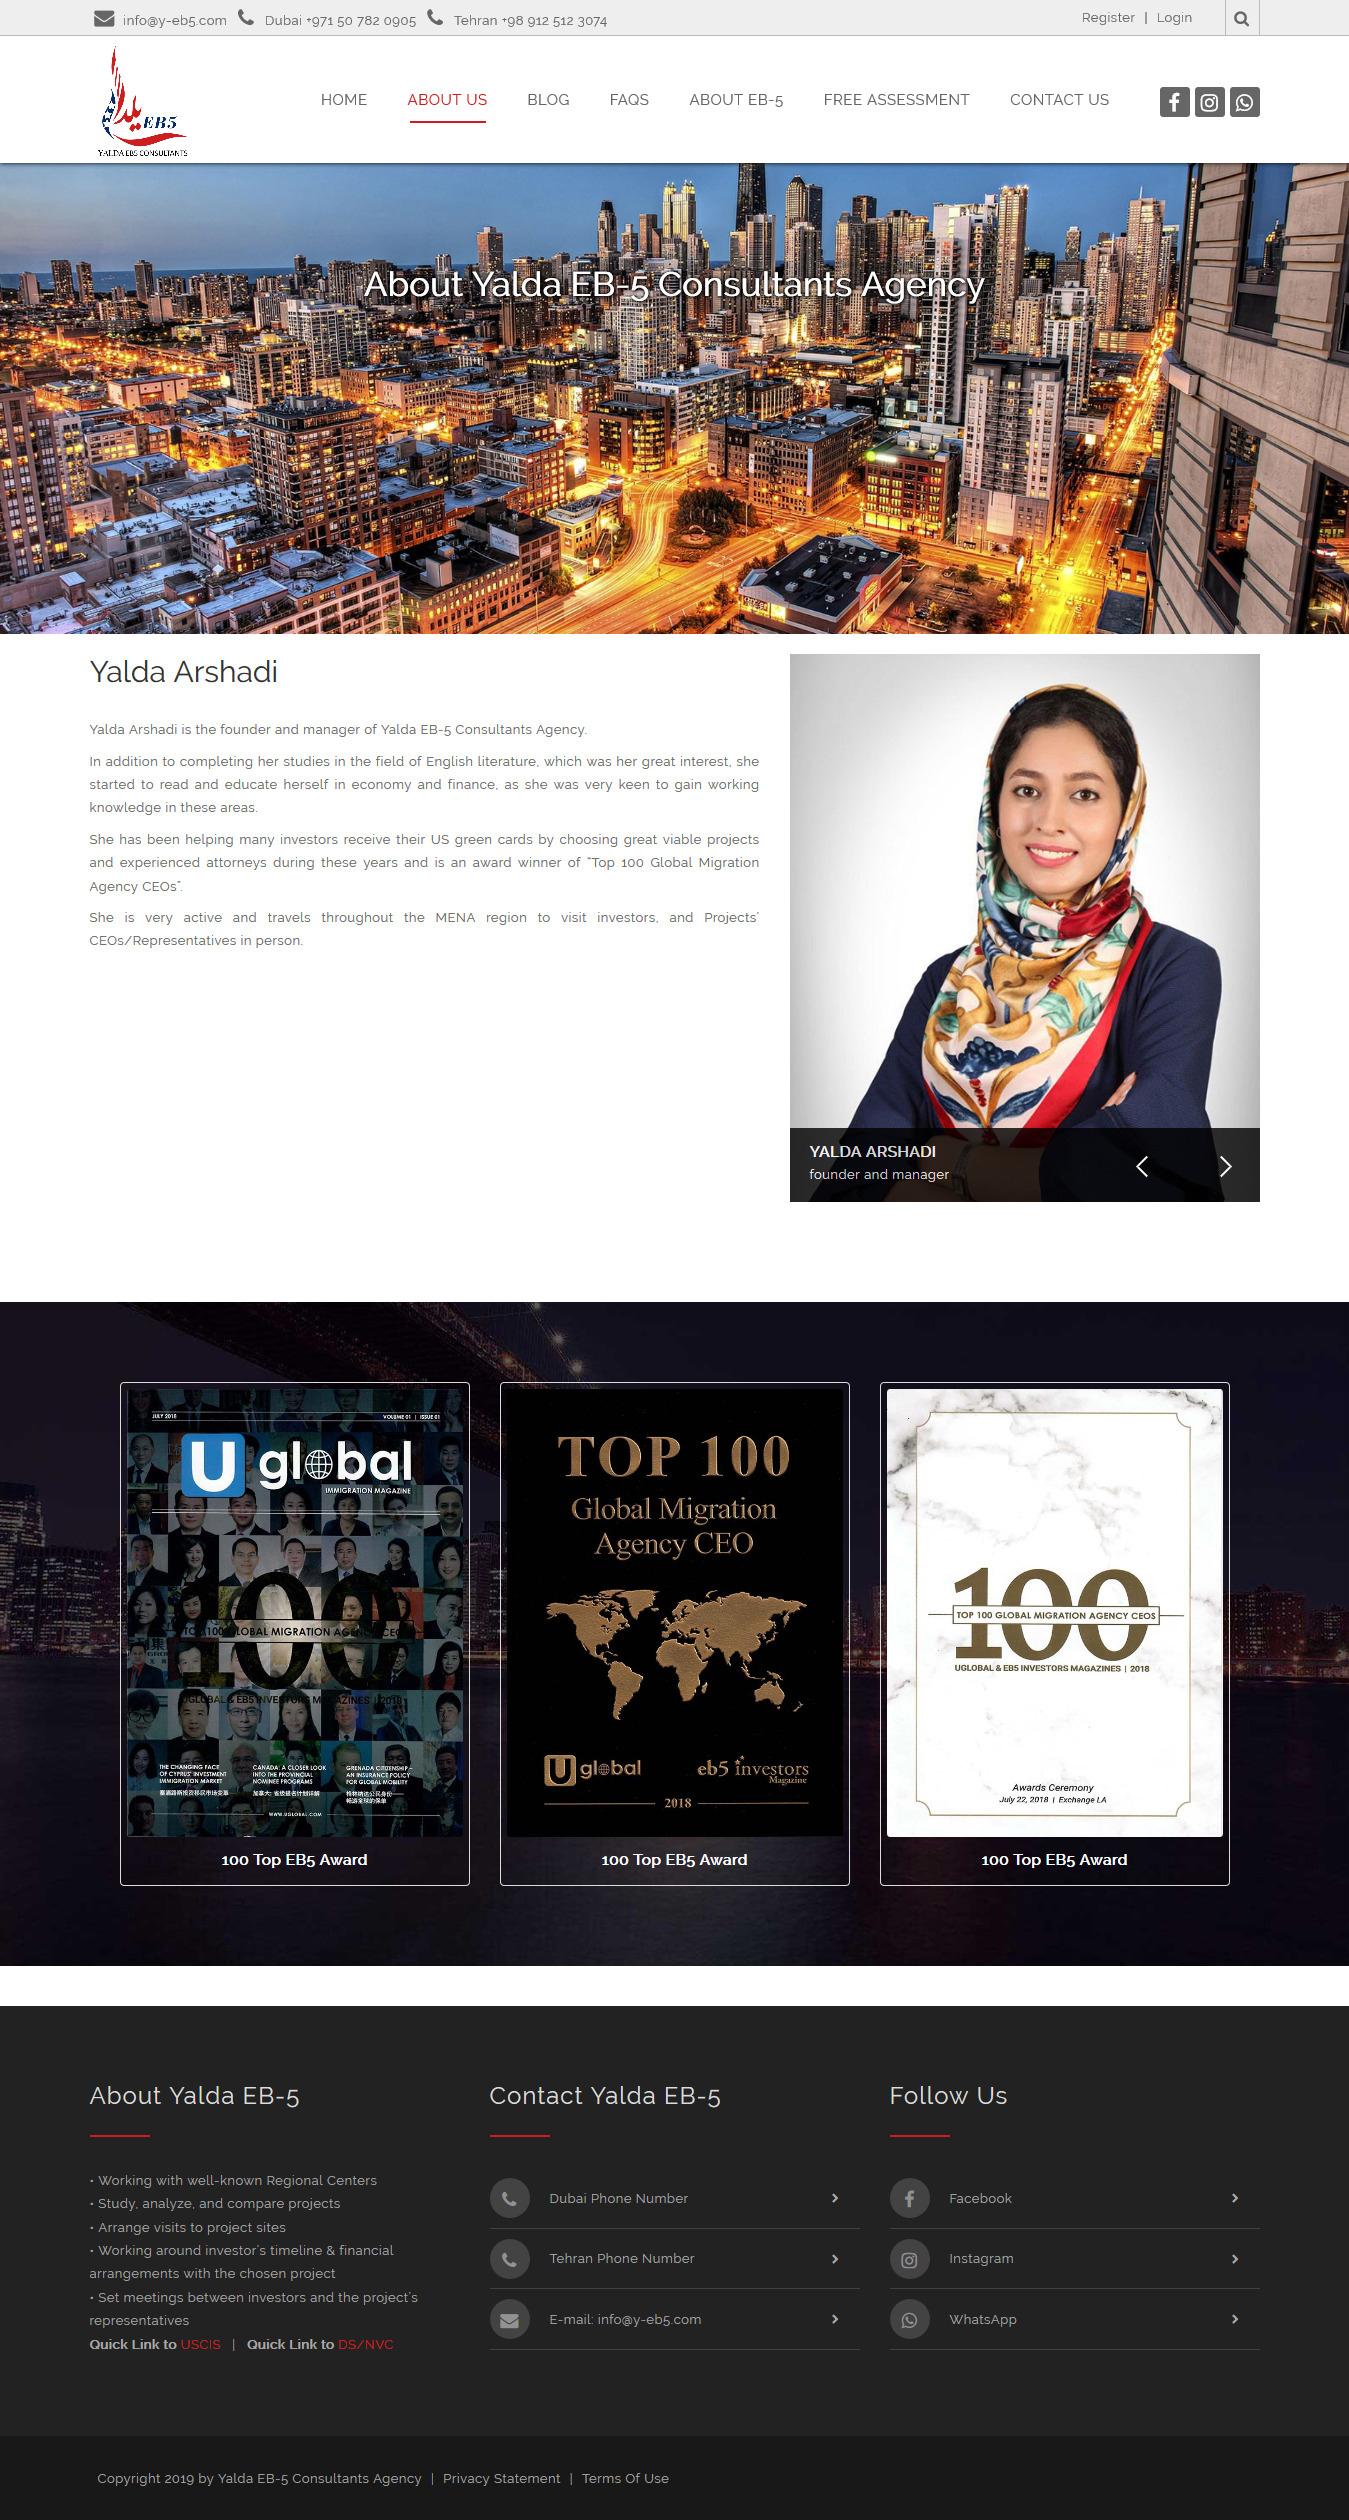 تصویری از صفحه درباره آژانس مشاوره مهاجرت EB-5 یلدا